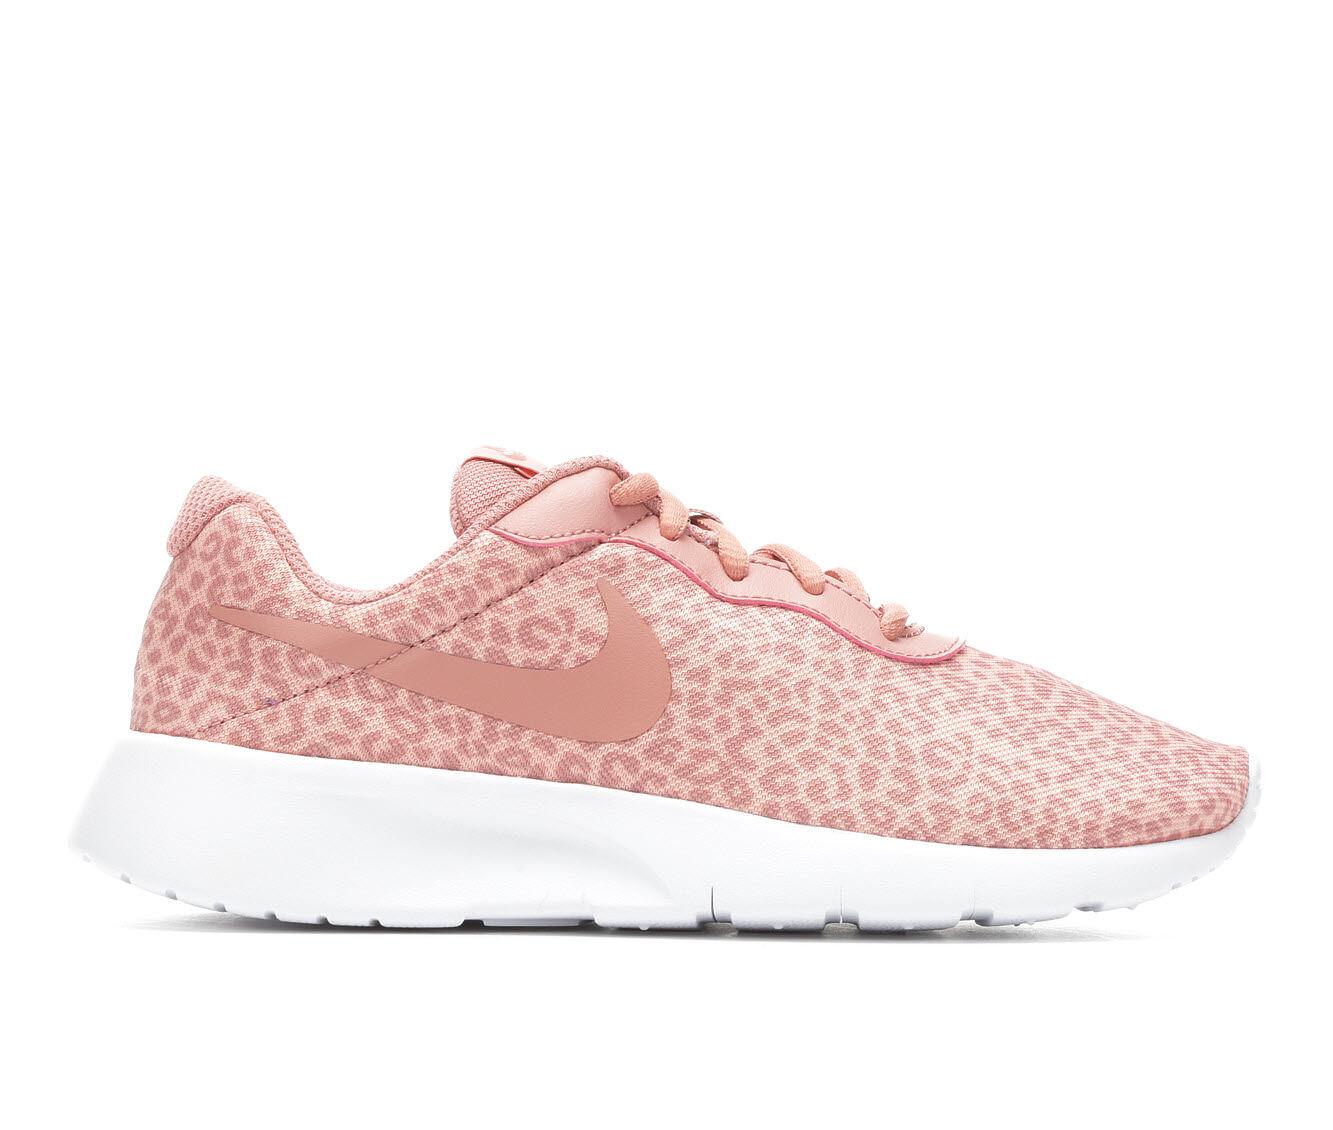 Nike Tanjun Print Girls Running Shoes White/Pink kI9215K